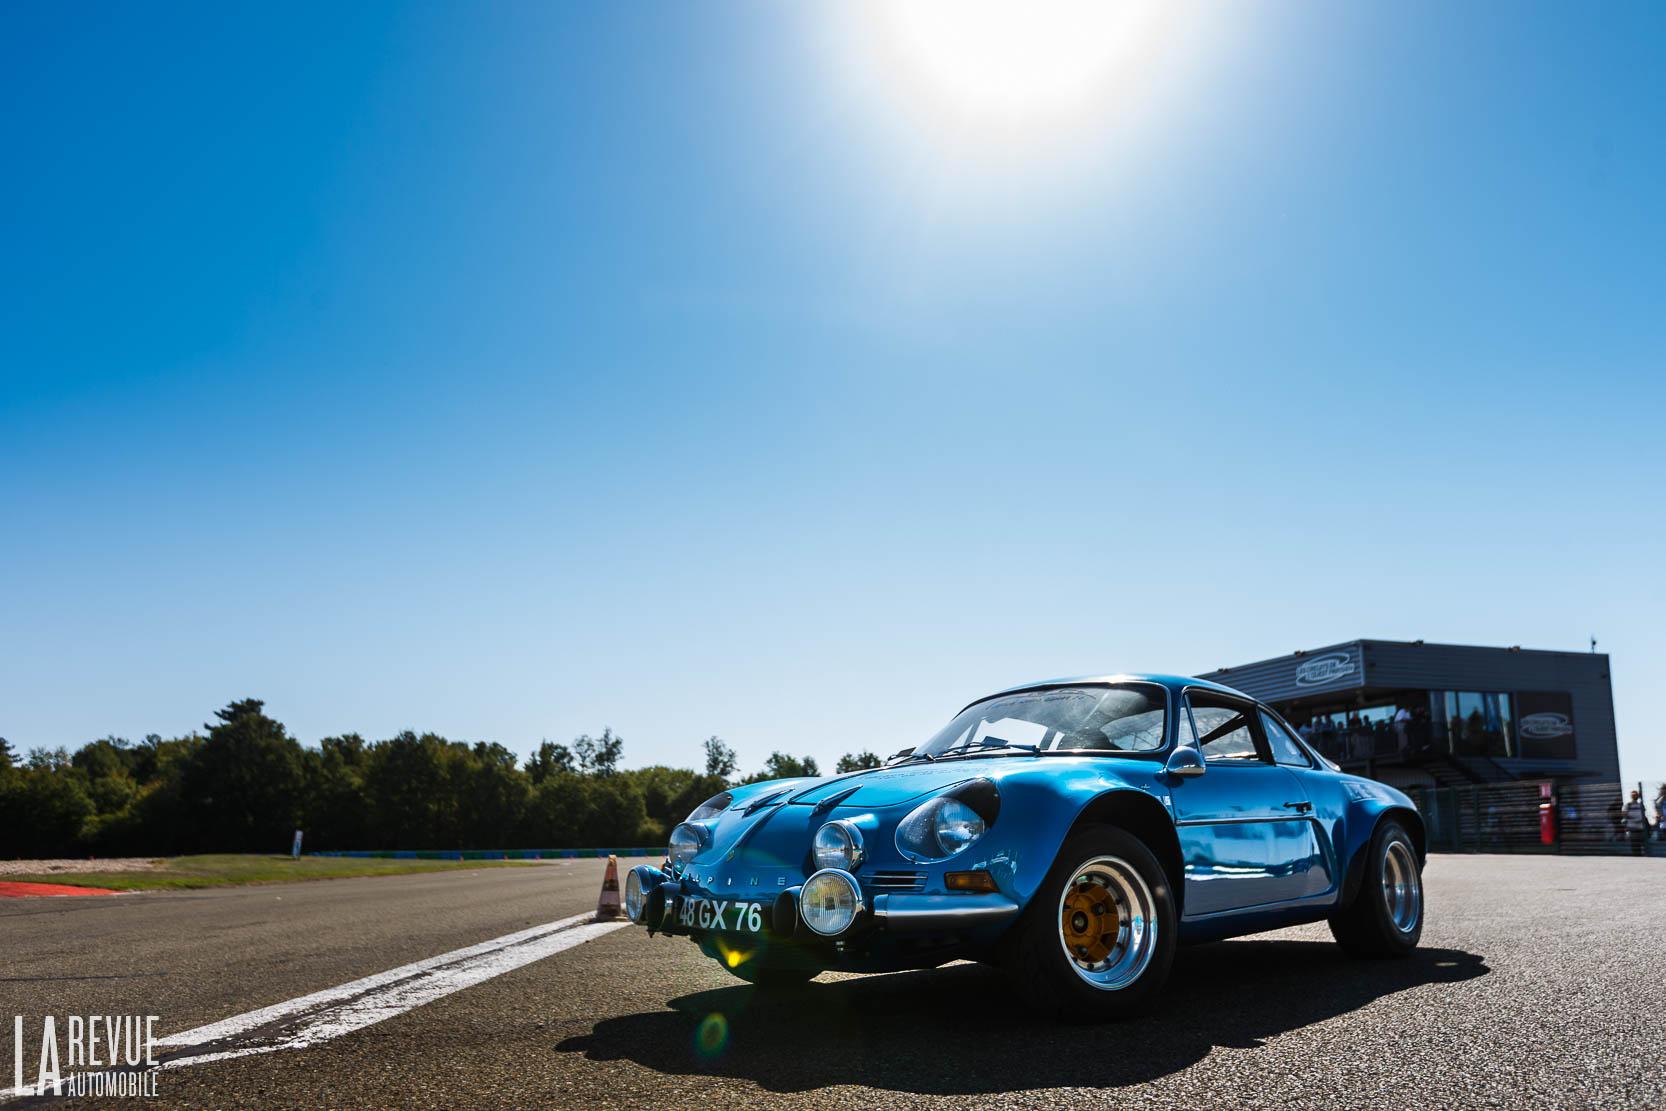 Alpine A110 Groupe 4 de la première génération